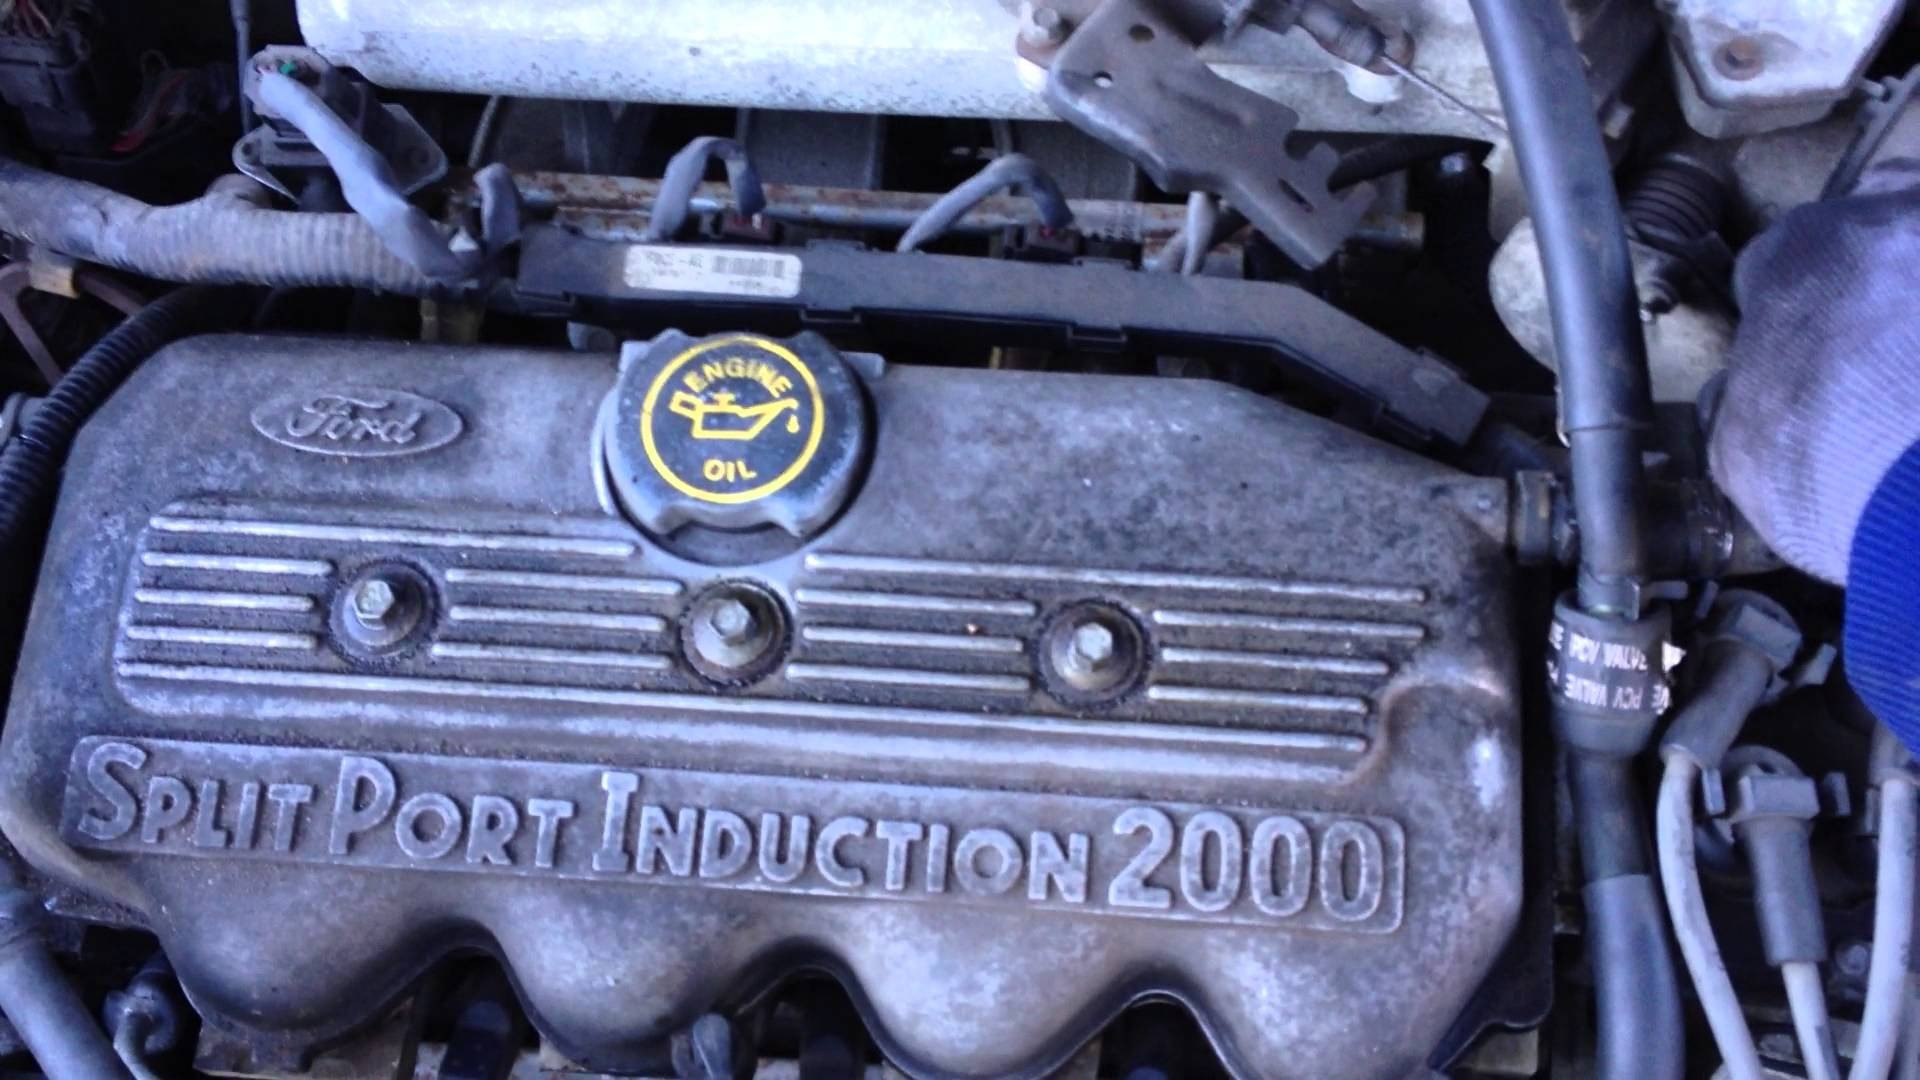 1997 ford Escort Wagon Engine Diagram ford Escort 1998 Knocking Engine Help Of 1997 ford Escort Wagon Engine Diagram